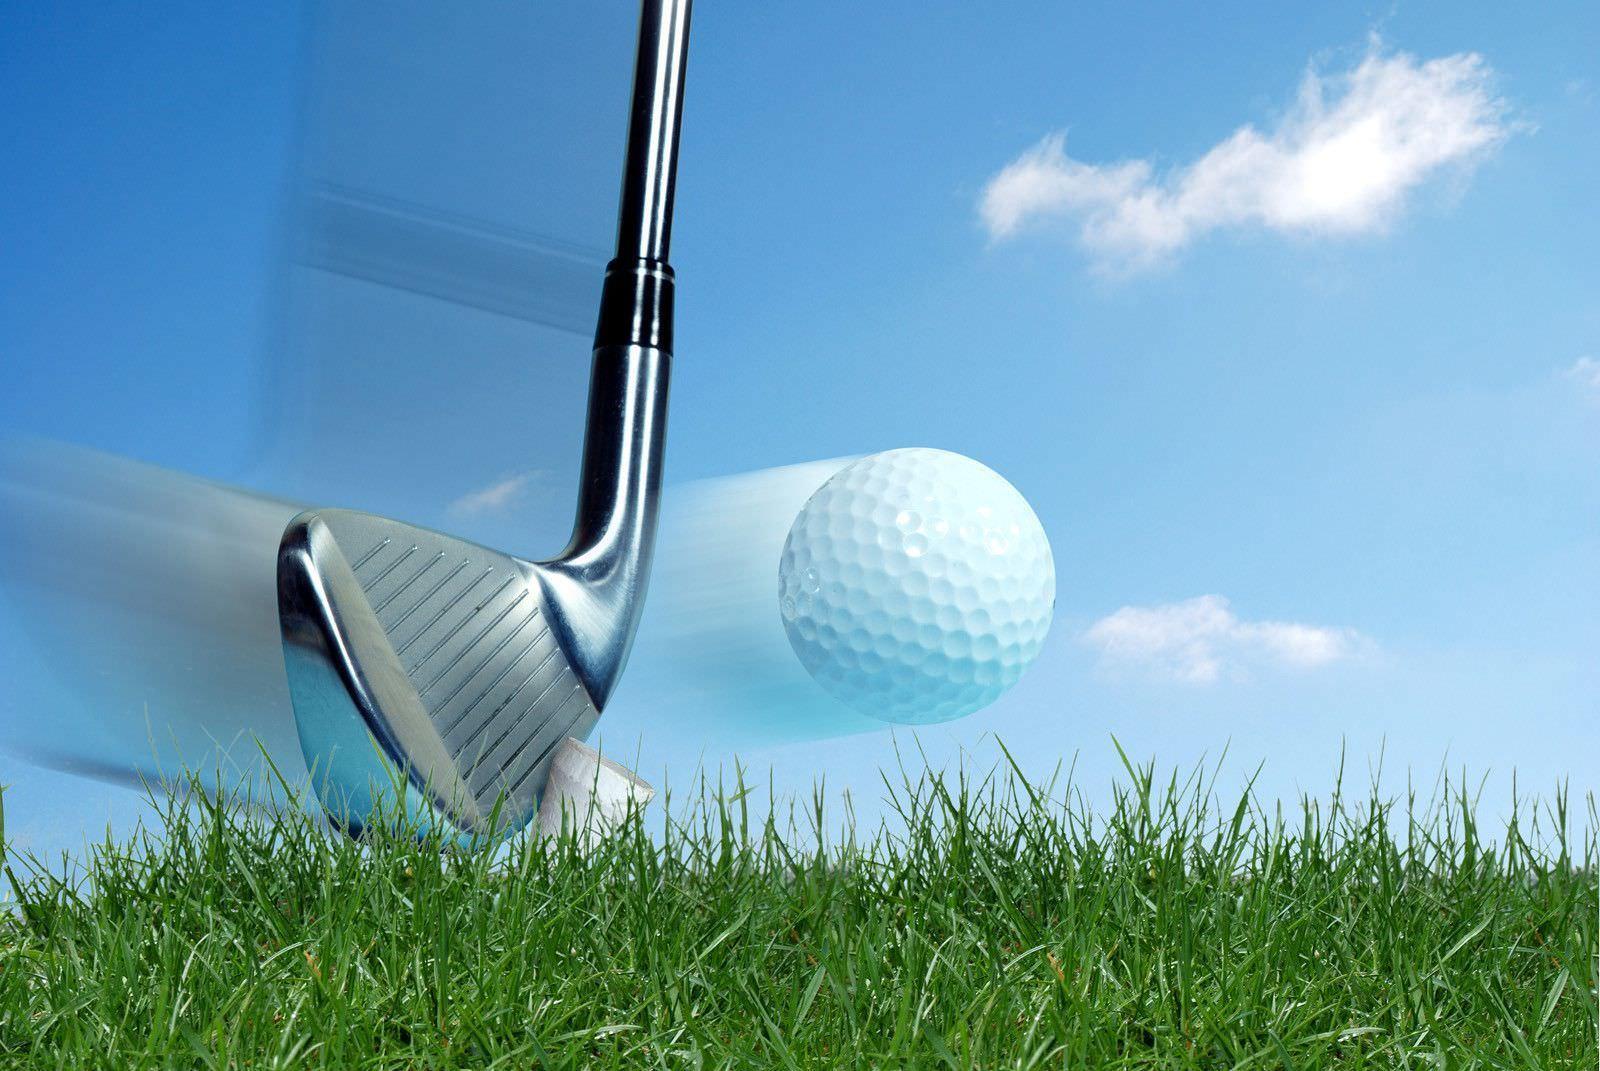 Golf-Ball-Graphic-Design-Wallpaper.jpg